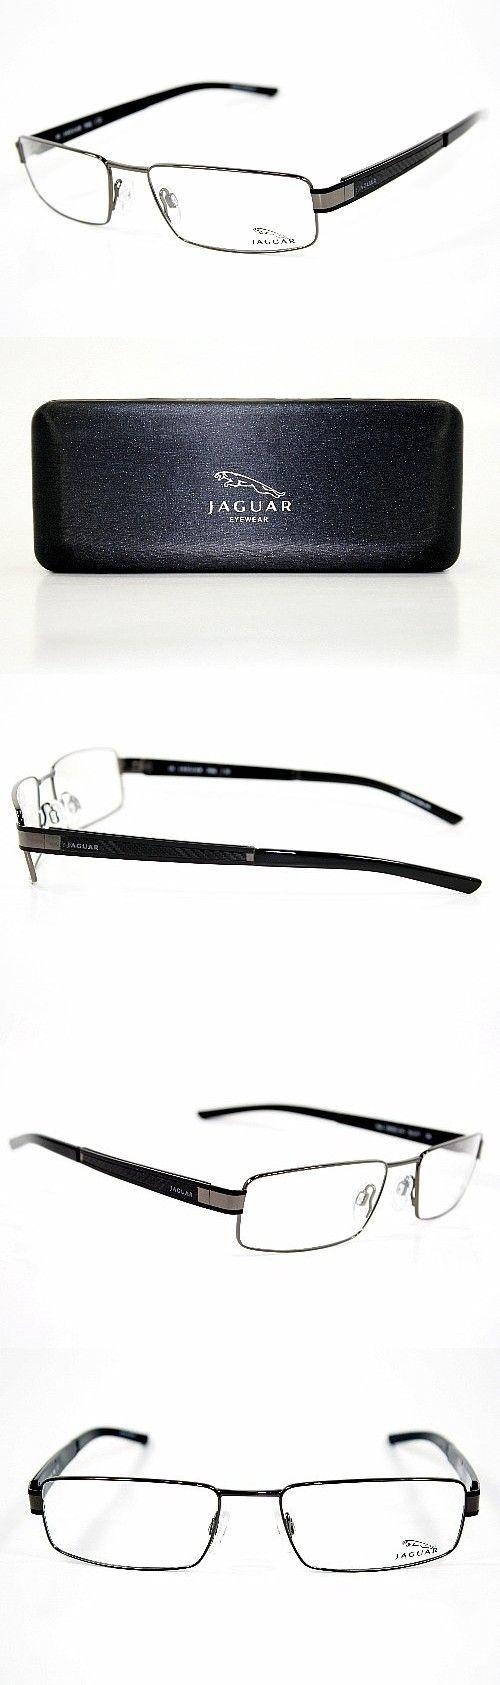 4b79f0ae6f JAGUAR Men s Eyeglasses 33530 610 Black Gunmetal Full Rim Optical Frame 55mm